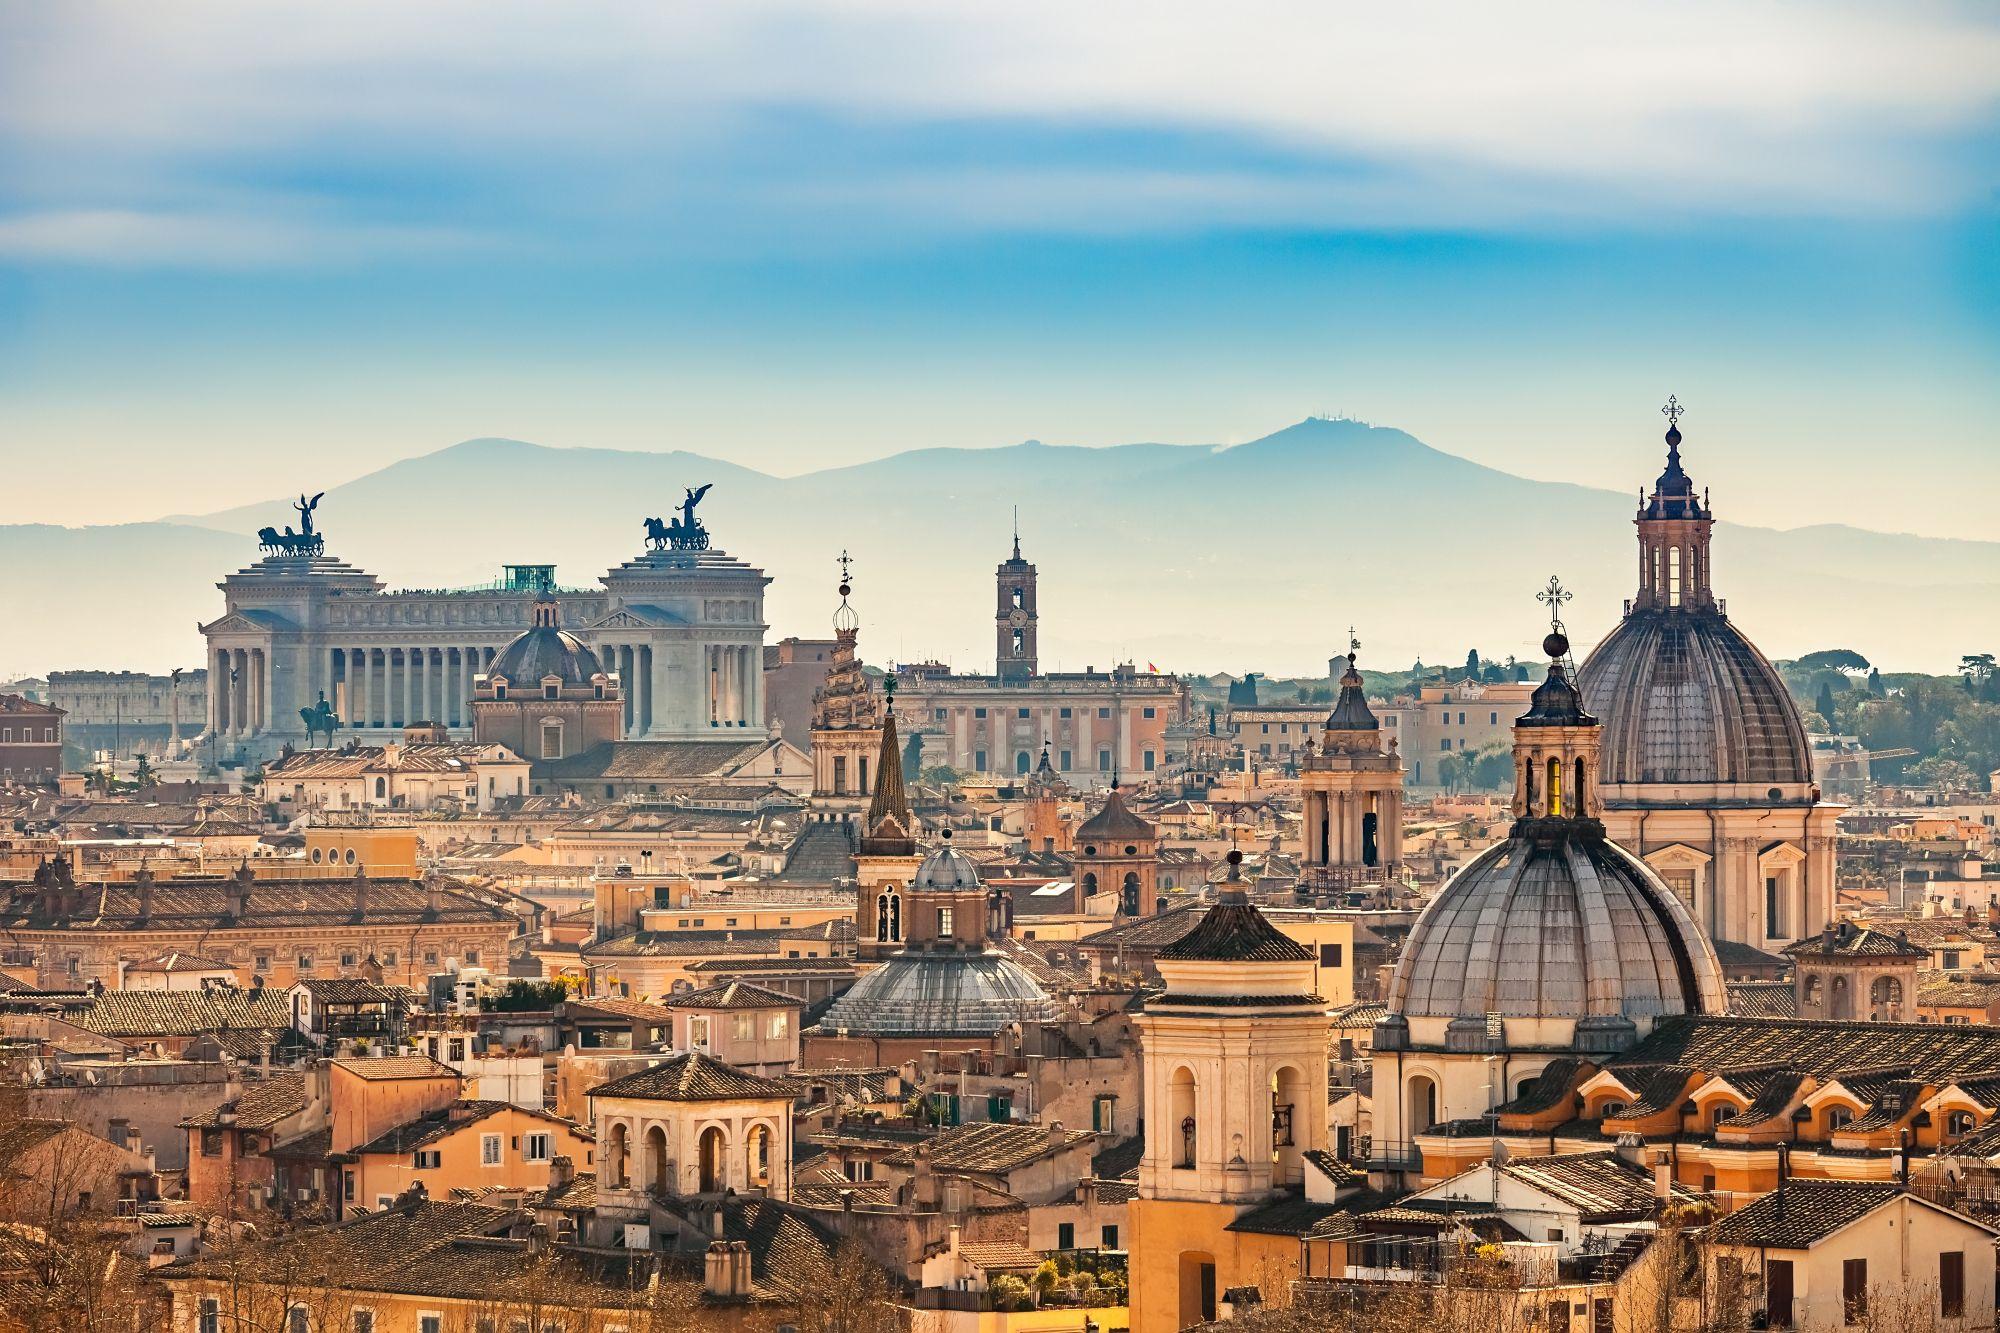 Rzym panorama miasta